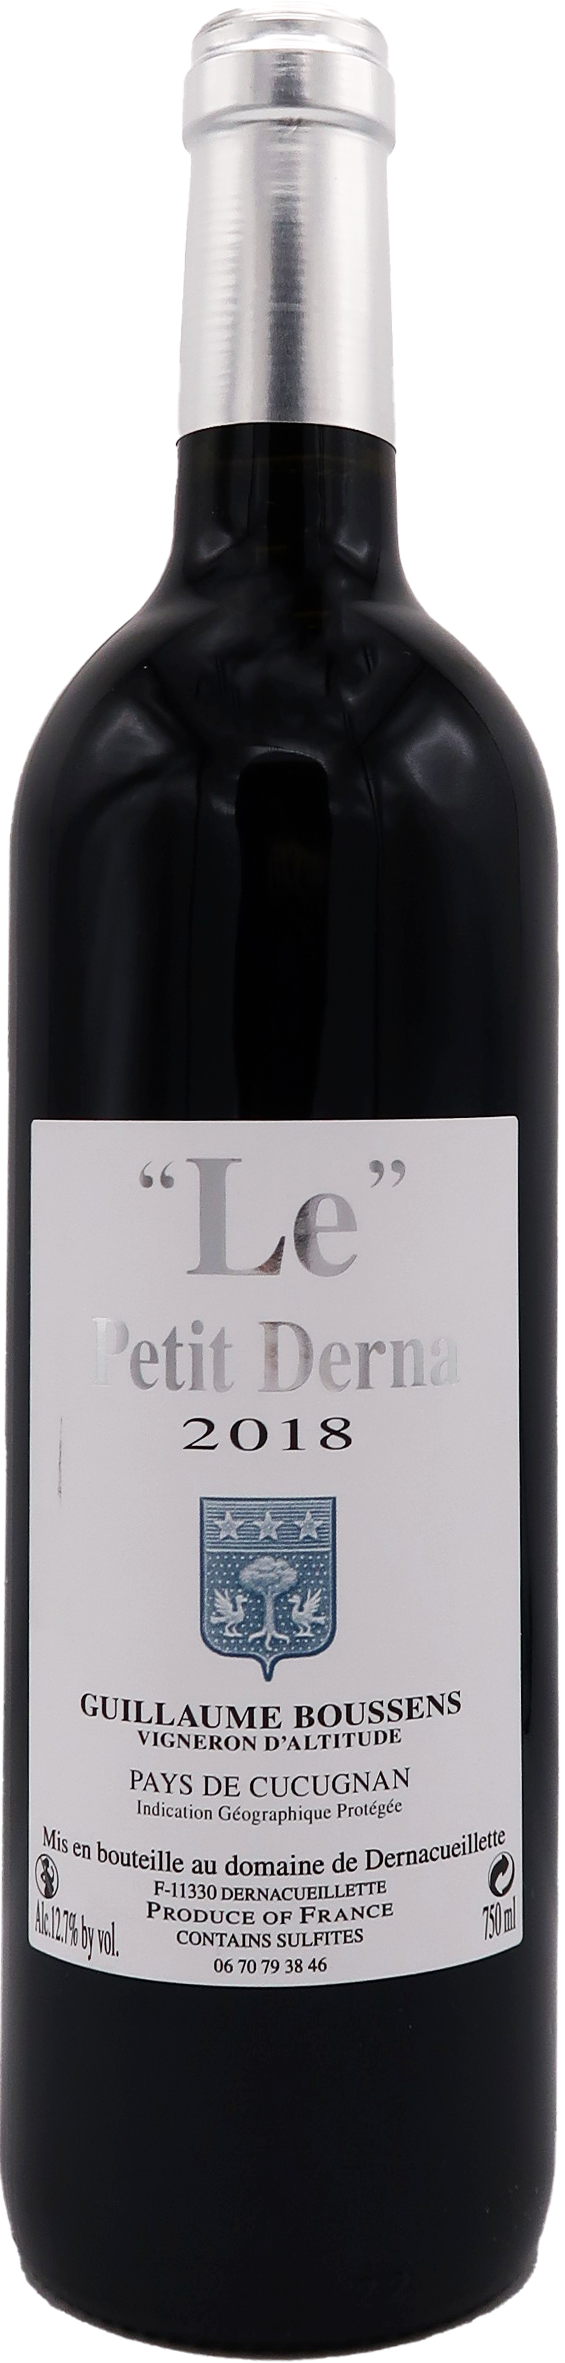 Le Petit Derna 2018 - Domaine de Dernacueillette - IGP Pays de Cucugnan 0.75